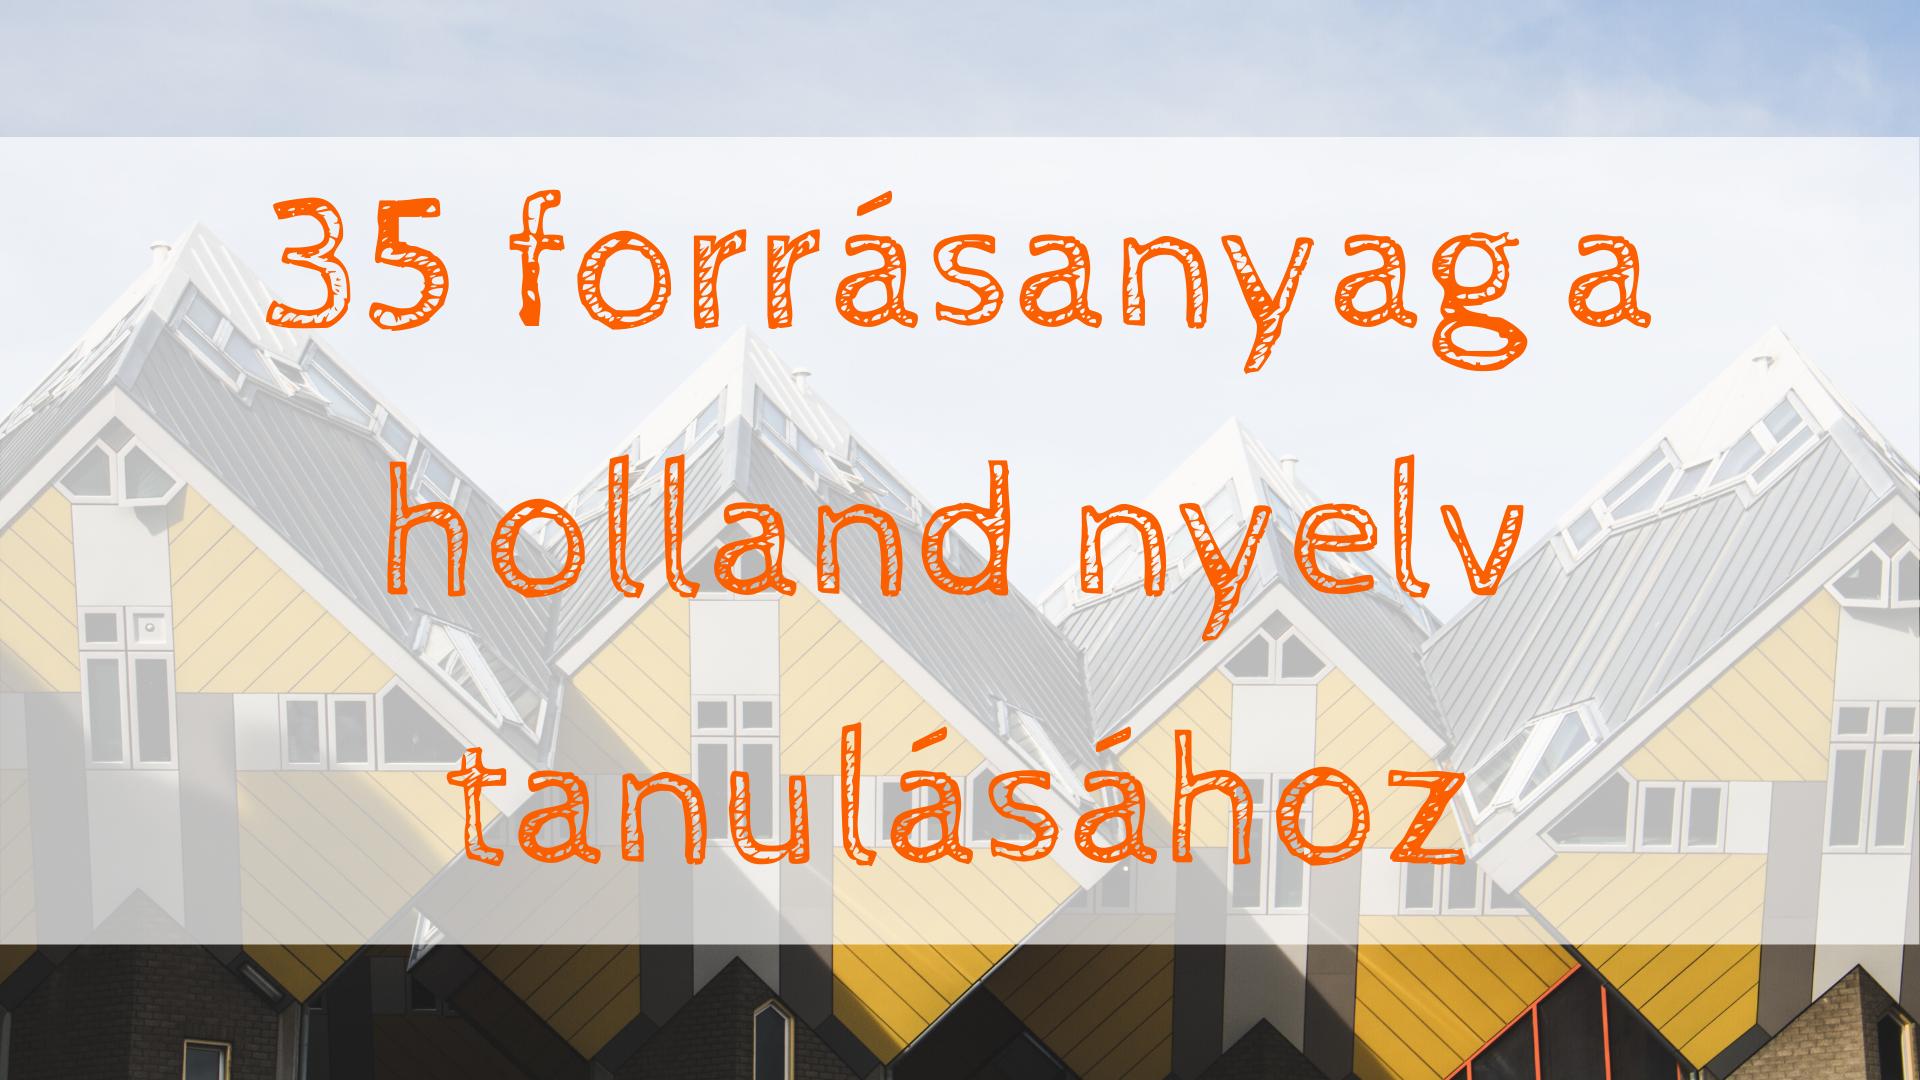 forrásanyagok a holland nyelv tanulásához